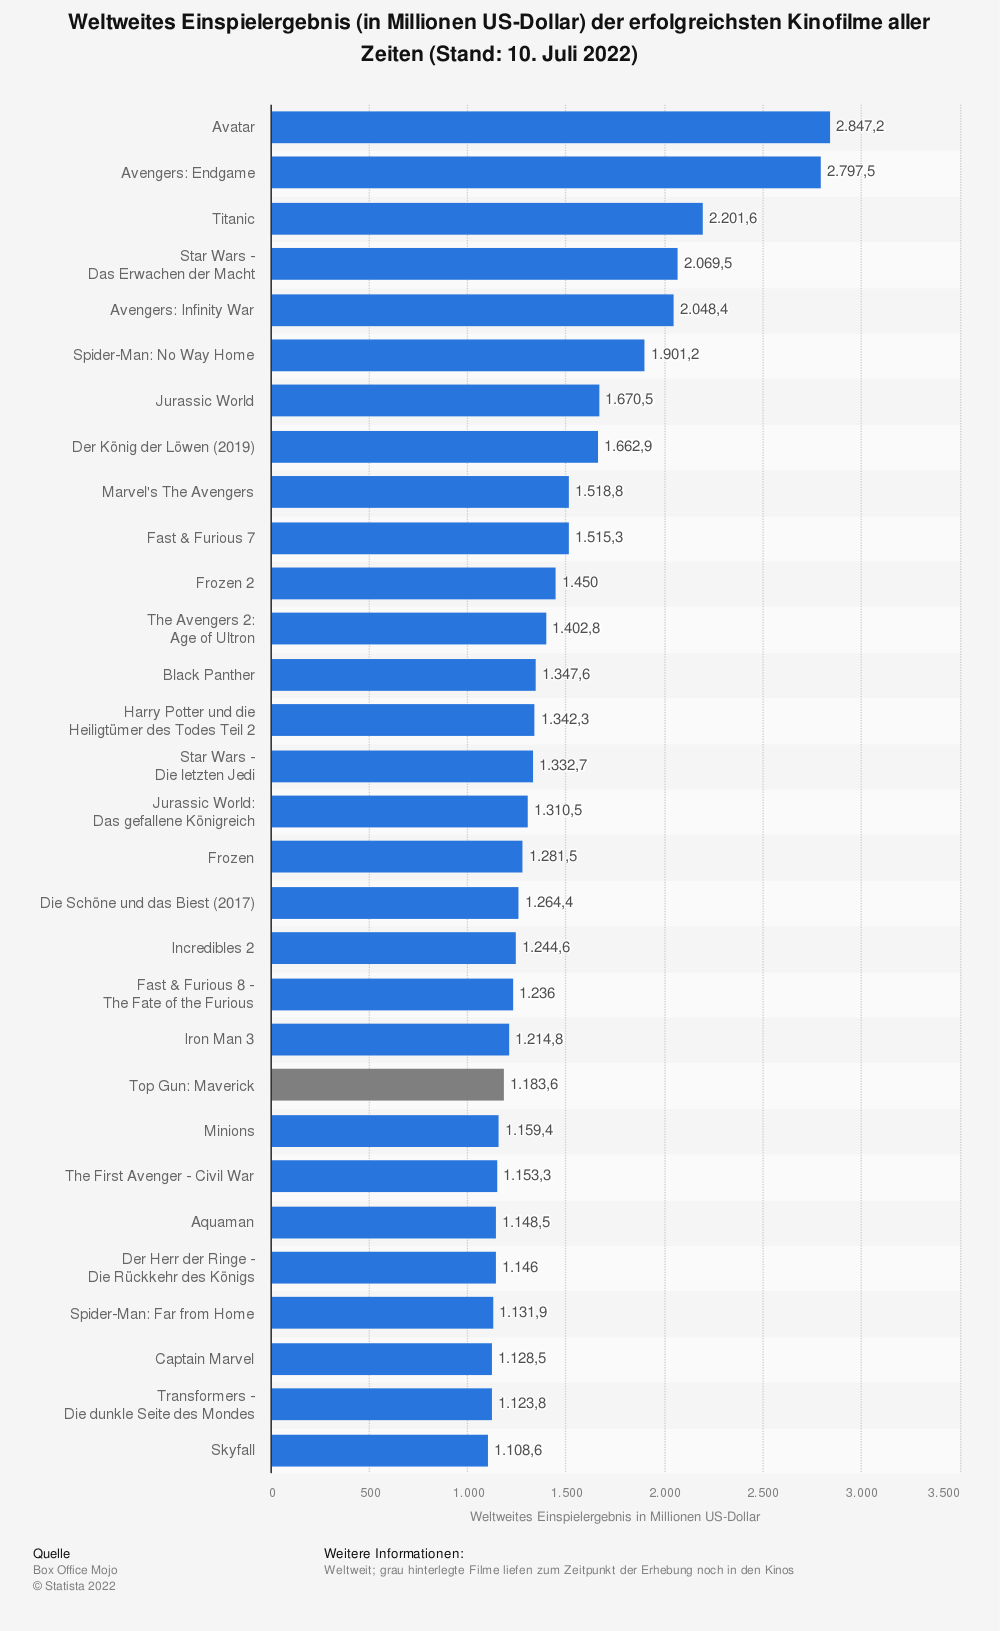 Statistik: Weltweites Einspielergebnis (in Millionen US-Dollar) der erfolgreichsten Kinofilme aller Zeiten (Stand: 10. Januar 2021) | Statista